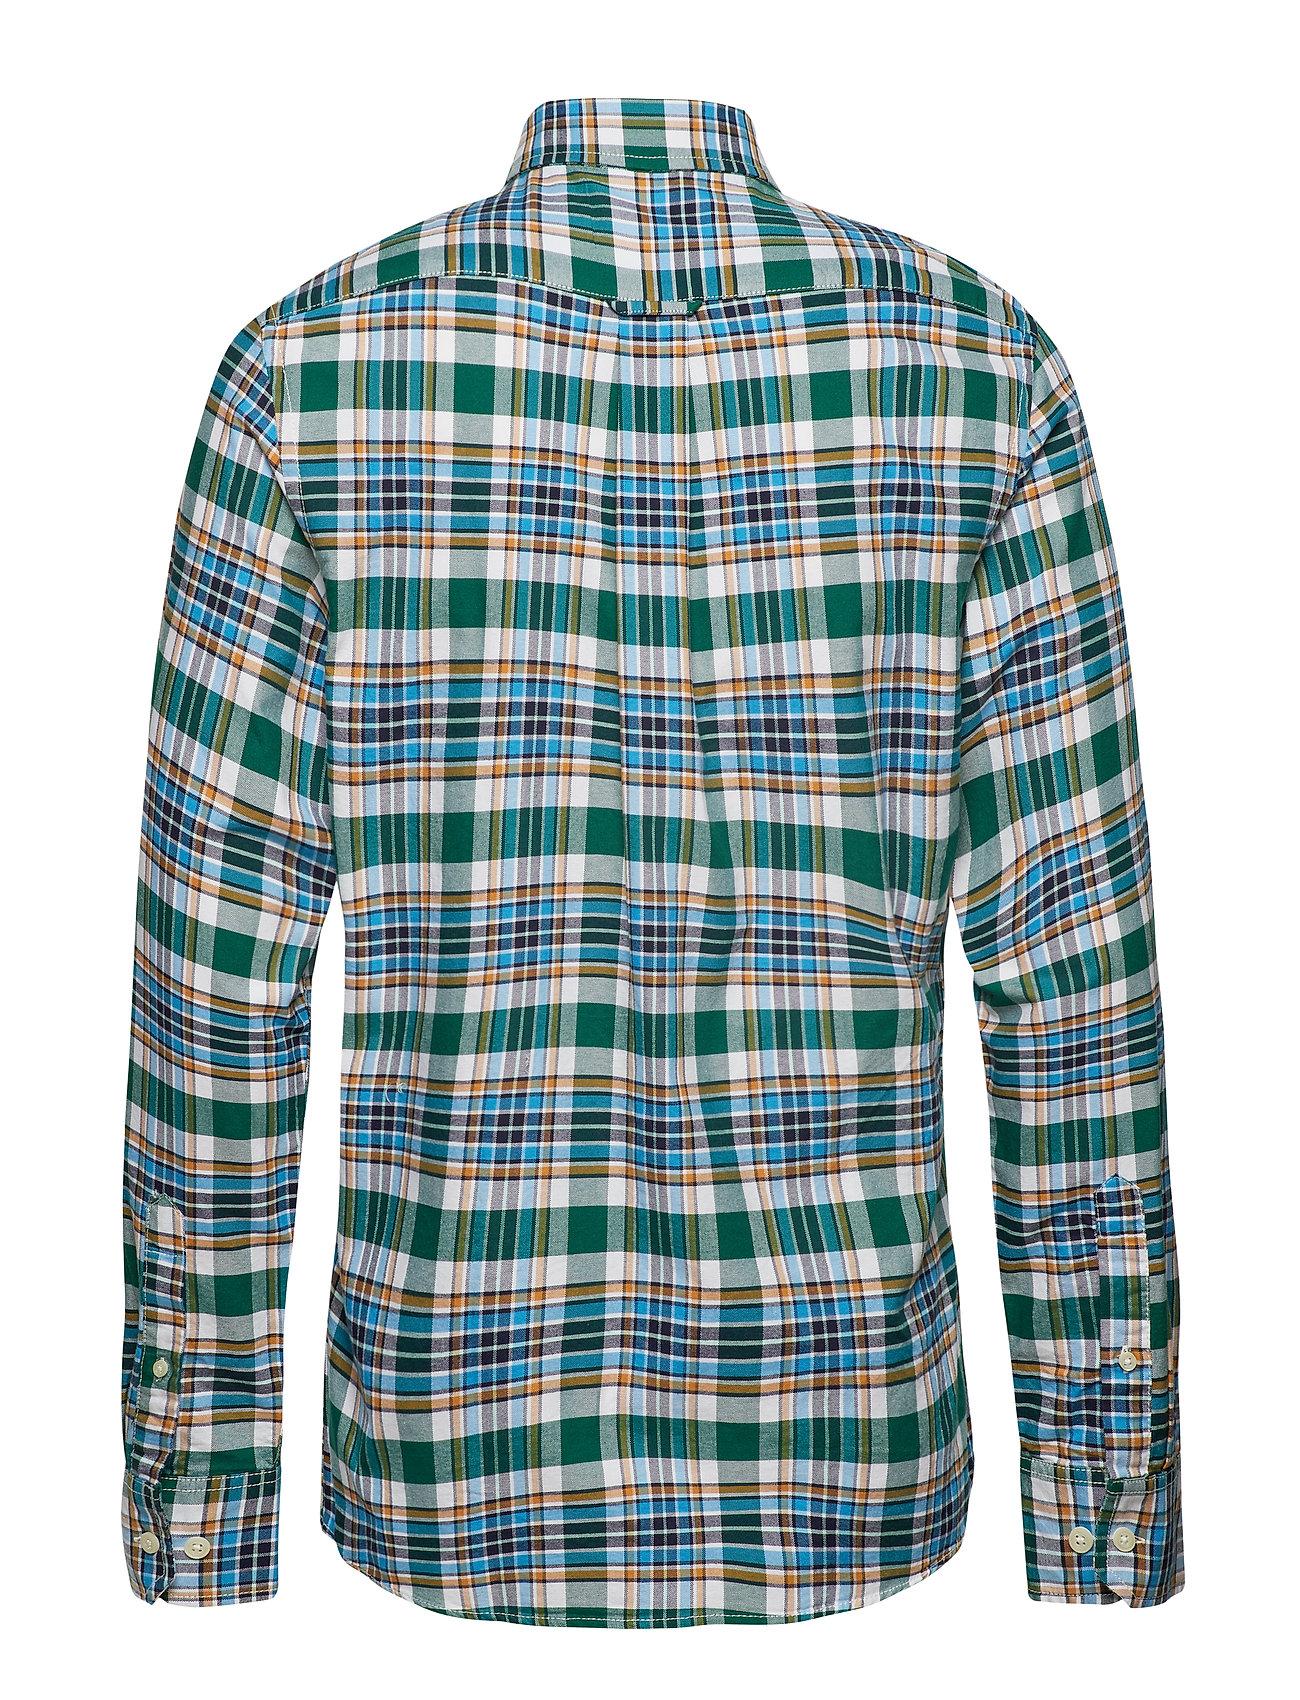 Washed Bd Bd Oxford Plaid ShirtevergreenIzod Oxford Oxford Washed ShirtevergreenIzod Washed Plaid Plaid rCoQdBWxe